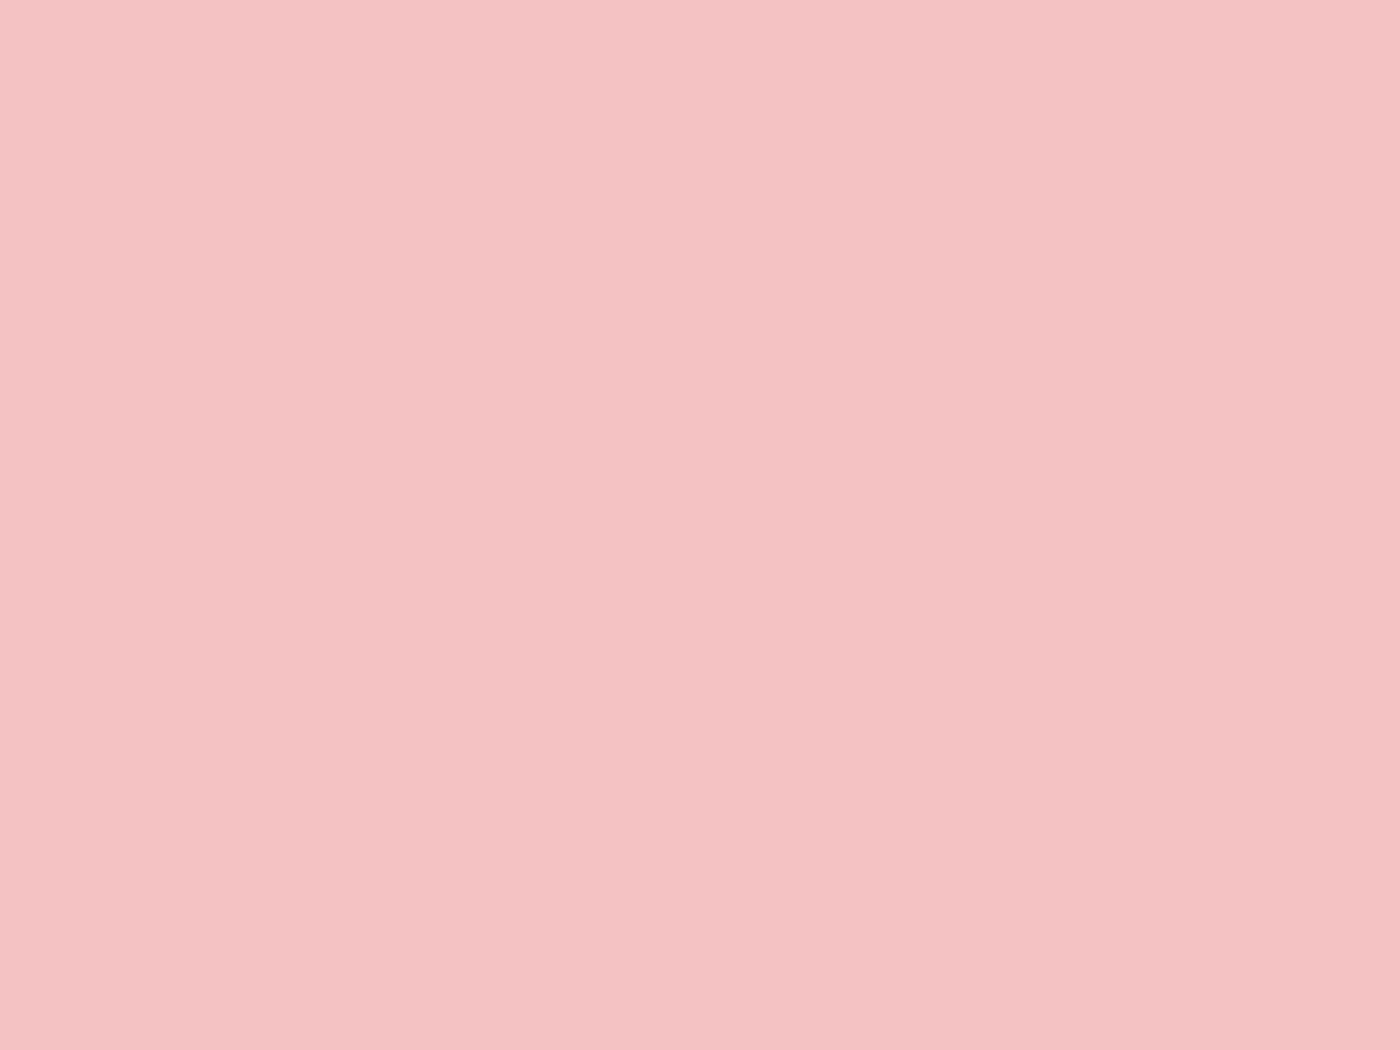 1400x1050 Tea Rose Rose Solid Color Background